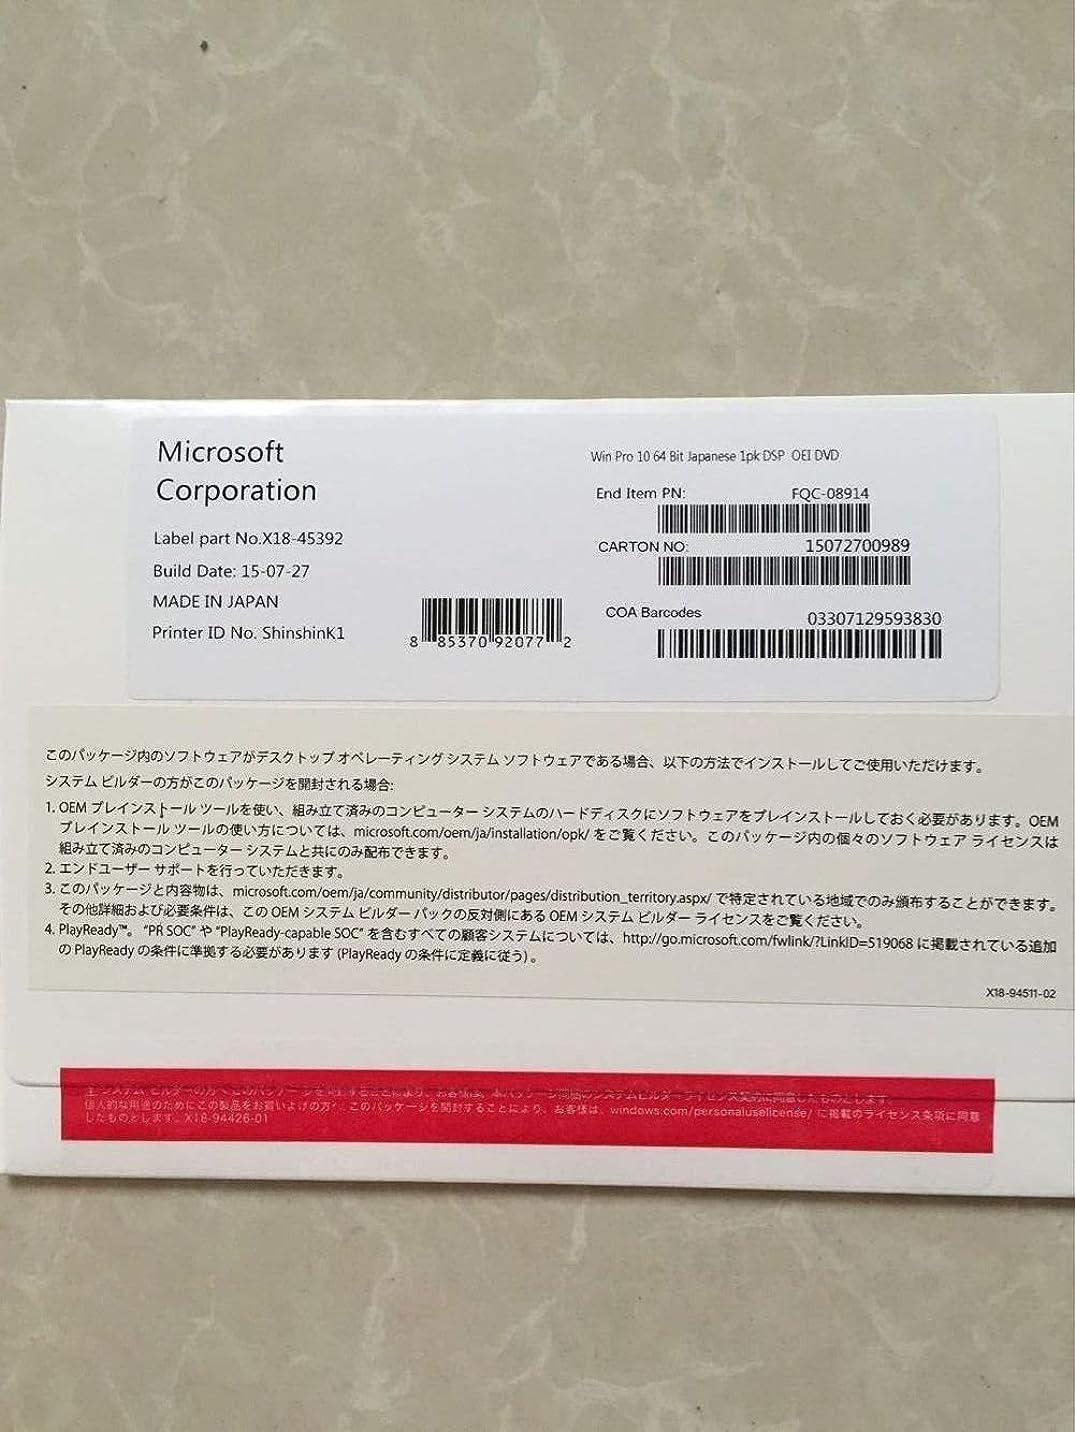 呪われたバスケットボール有毒64bit windows10 Pro Microsoft Windows10 Professional 64bit 日本語